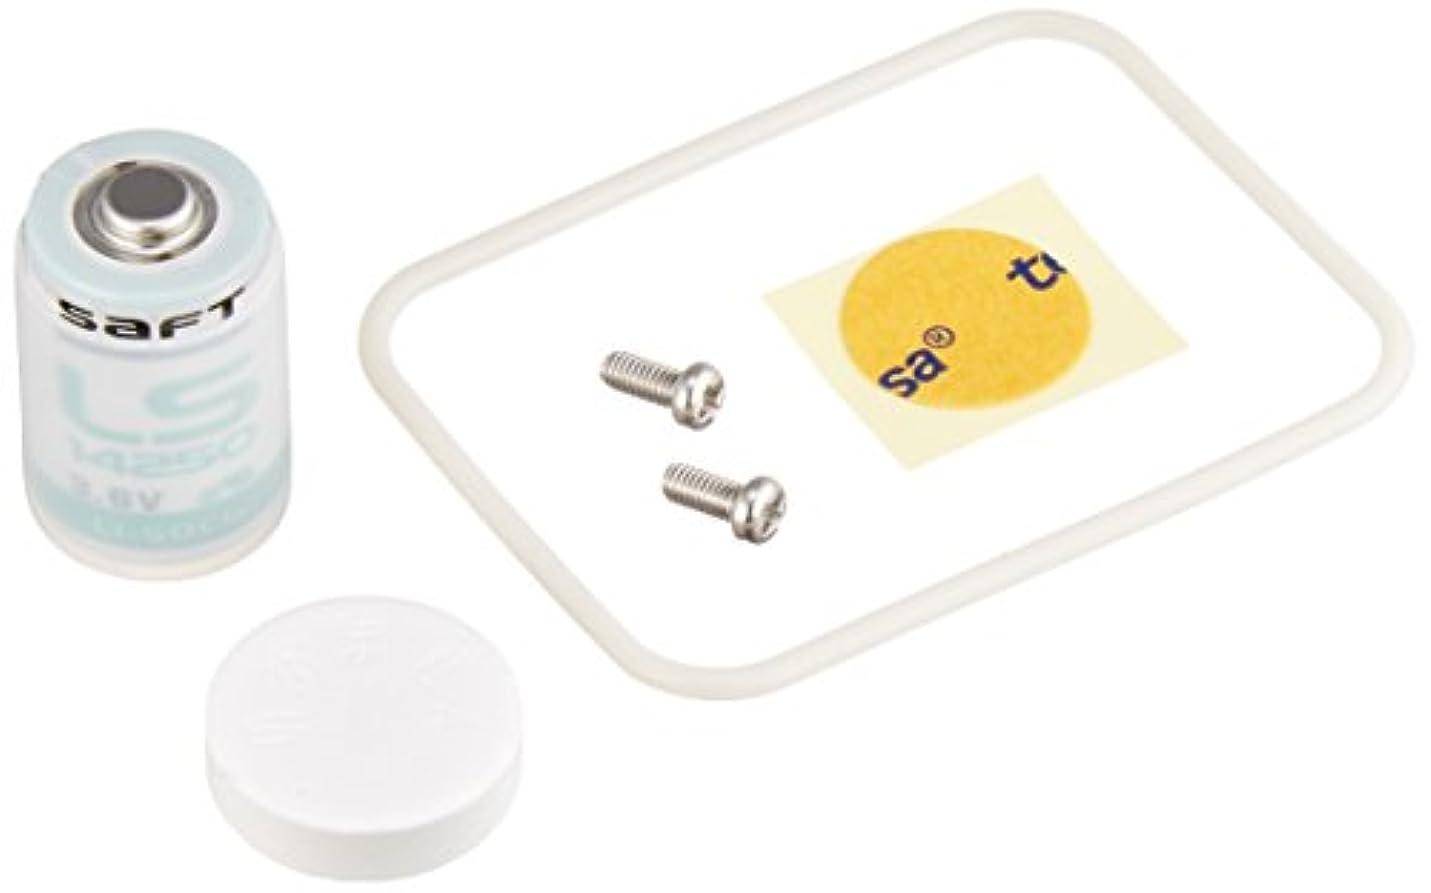 ティアンドデイ 低温電池セット TR-00P2 /61-8494-07